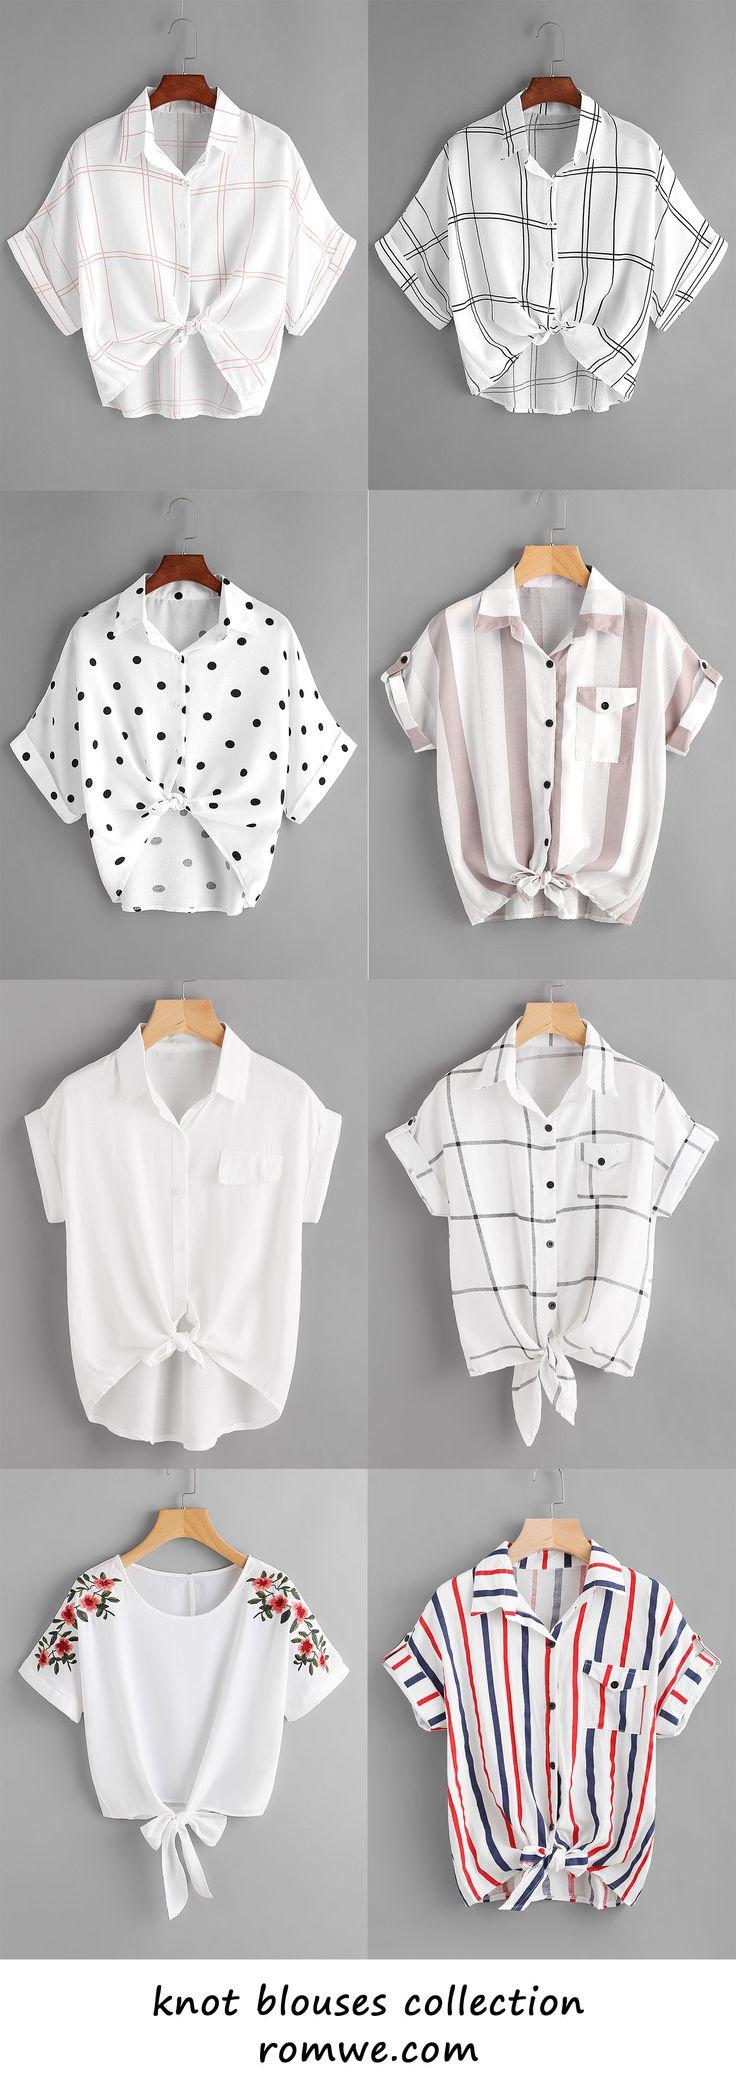 knot blouses 2017 - romwe.com